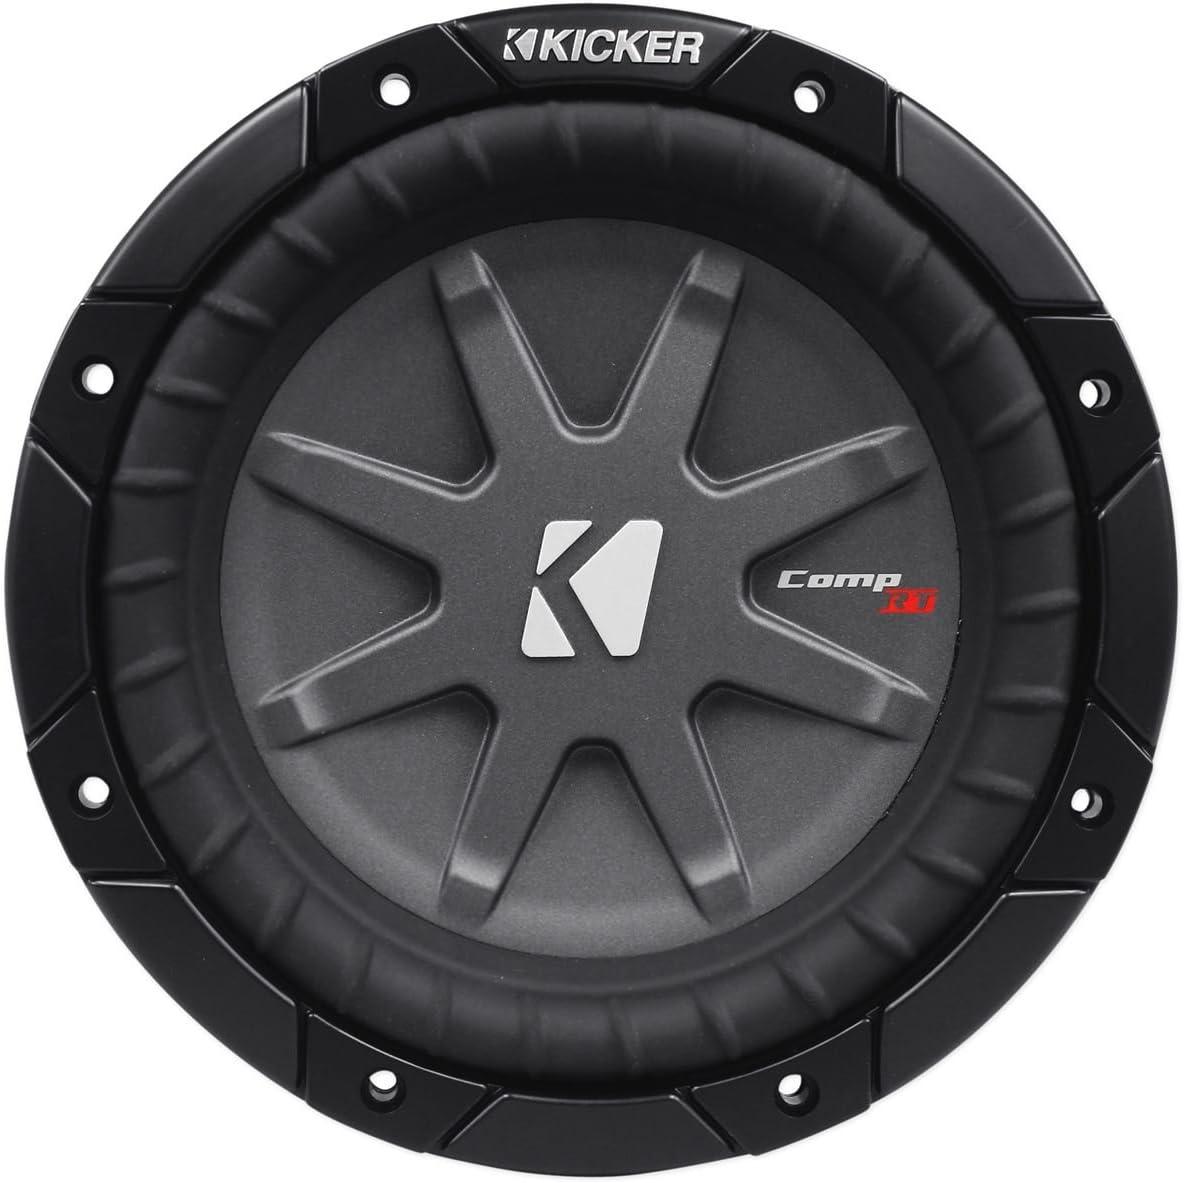 2) Kicker comprt10 cwrt10 – 1 2400 Watts 10